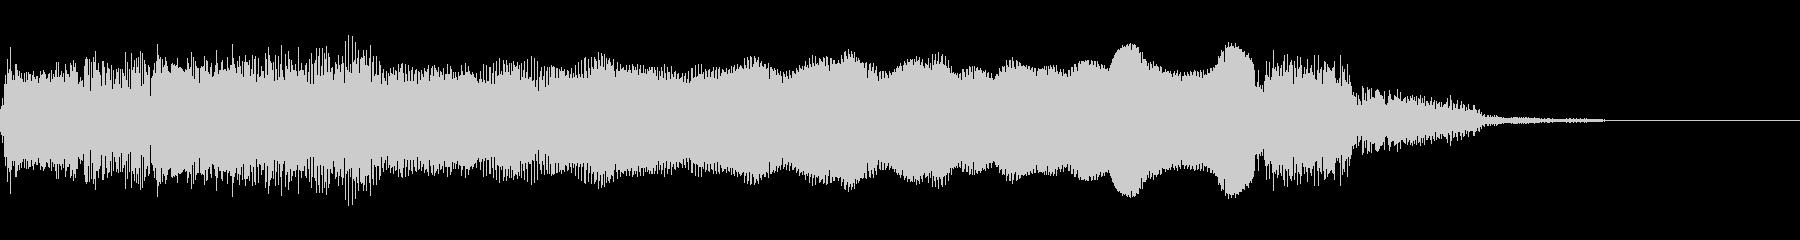 アグレッシブリック2の未再生の波形